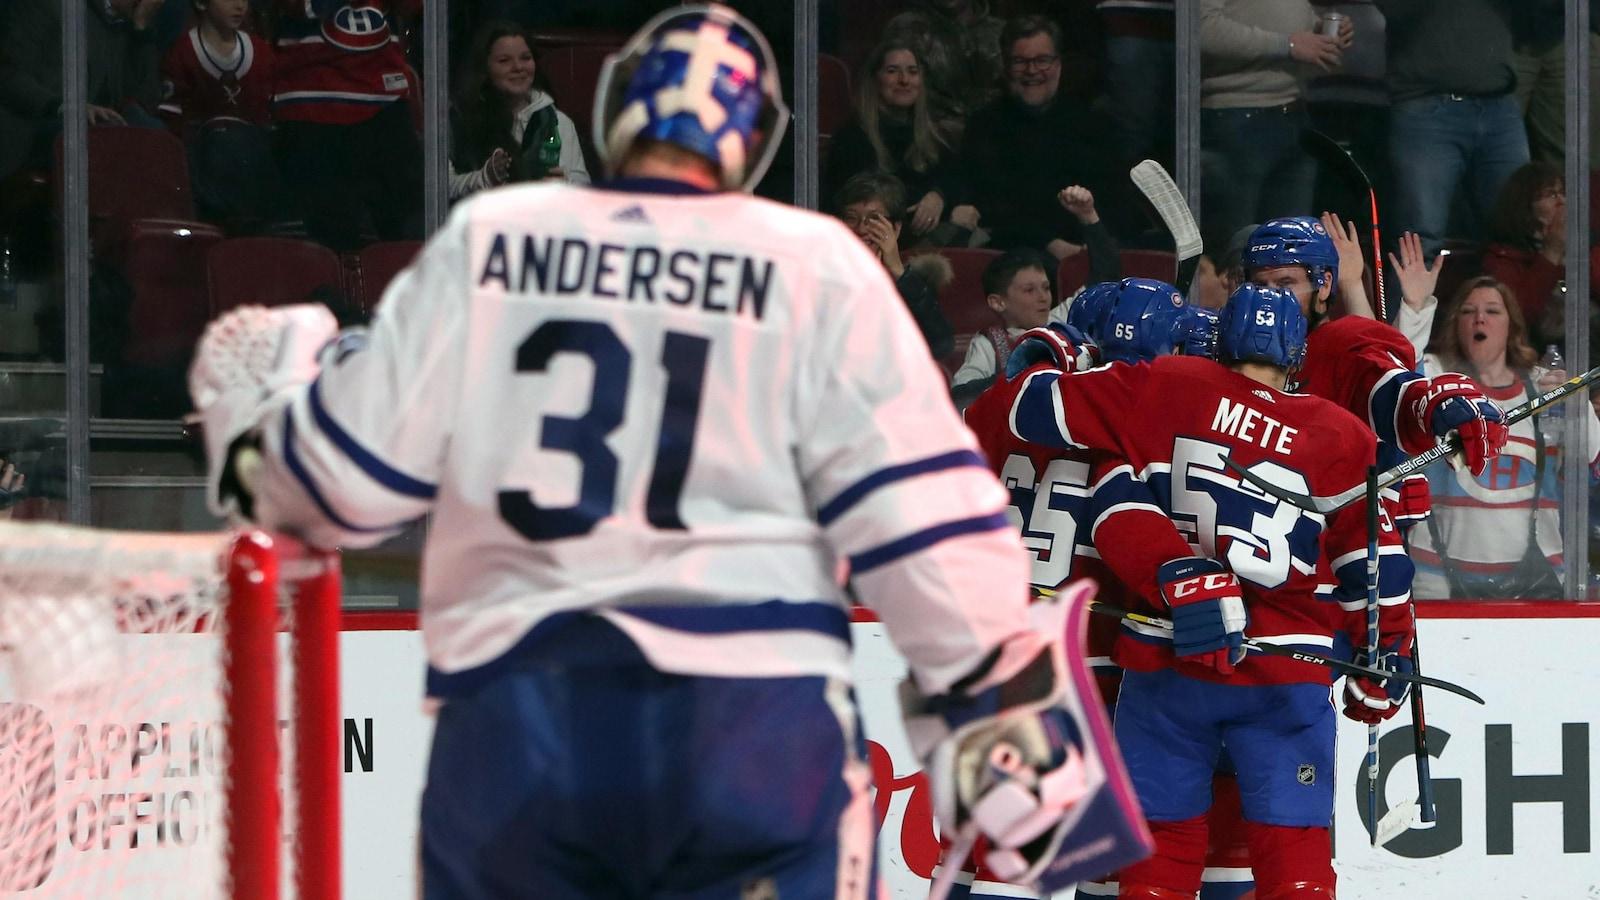 Les joueurs du Canadien célèbrent un but devant le gardien Frederik Andersen.